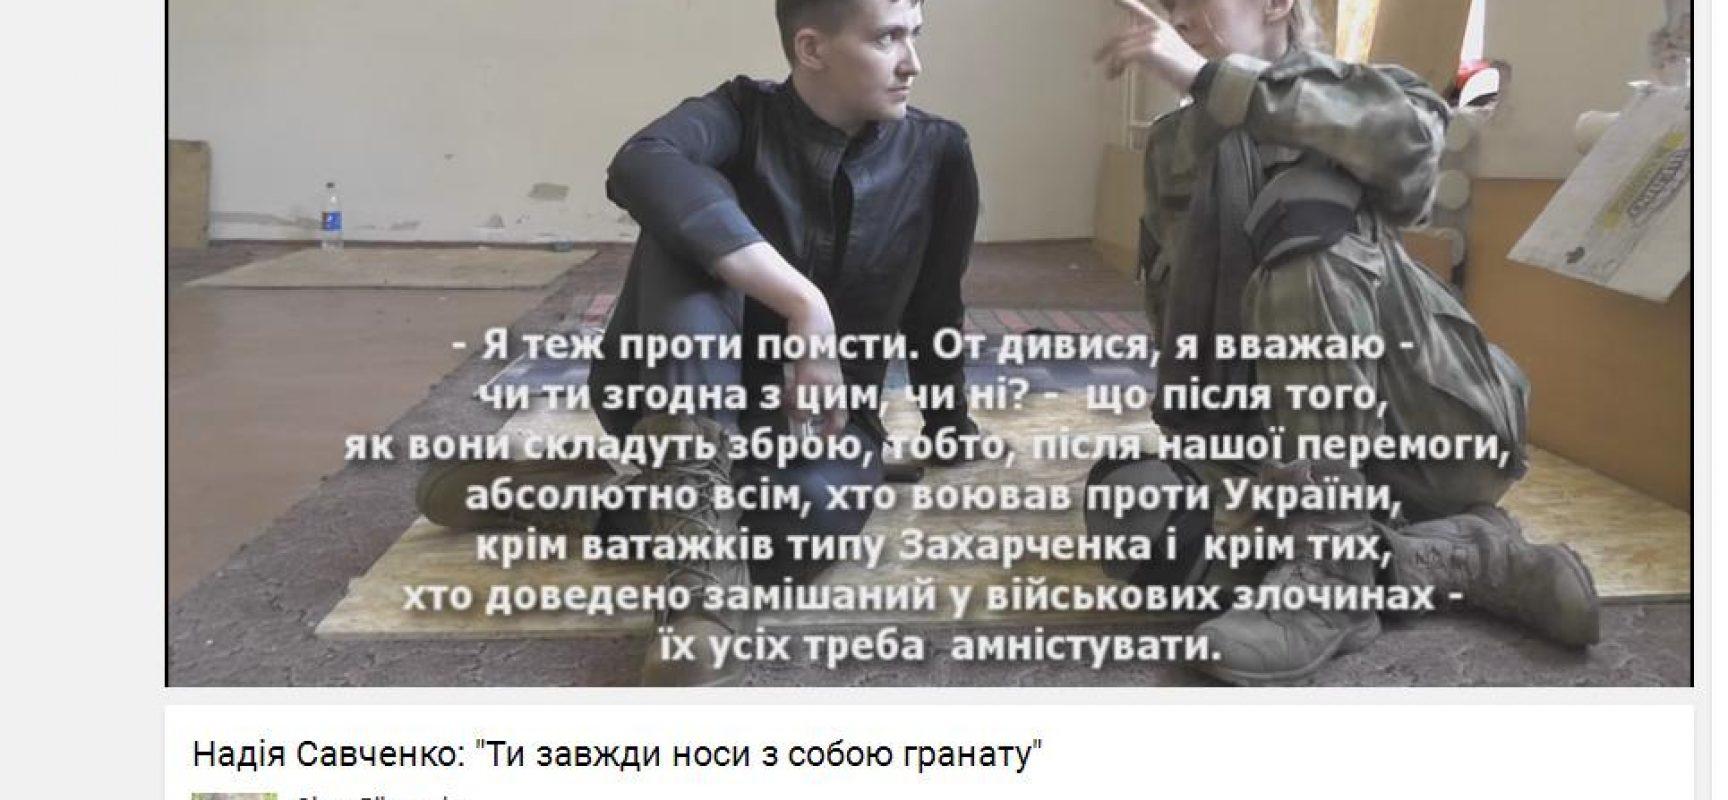 """Fake: Nadia Savchenko supporta l'amnistia dei """"miliziani"""" di Donbass"""